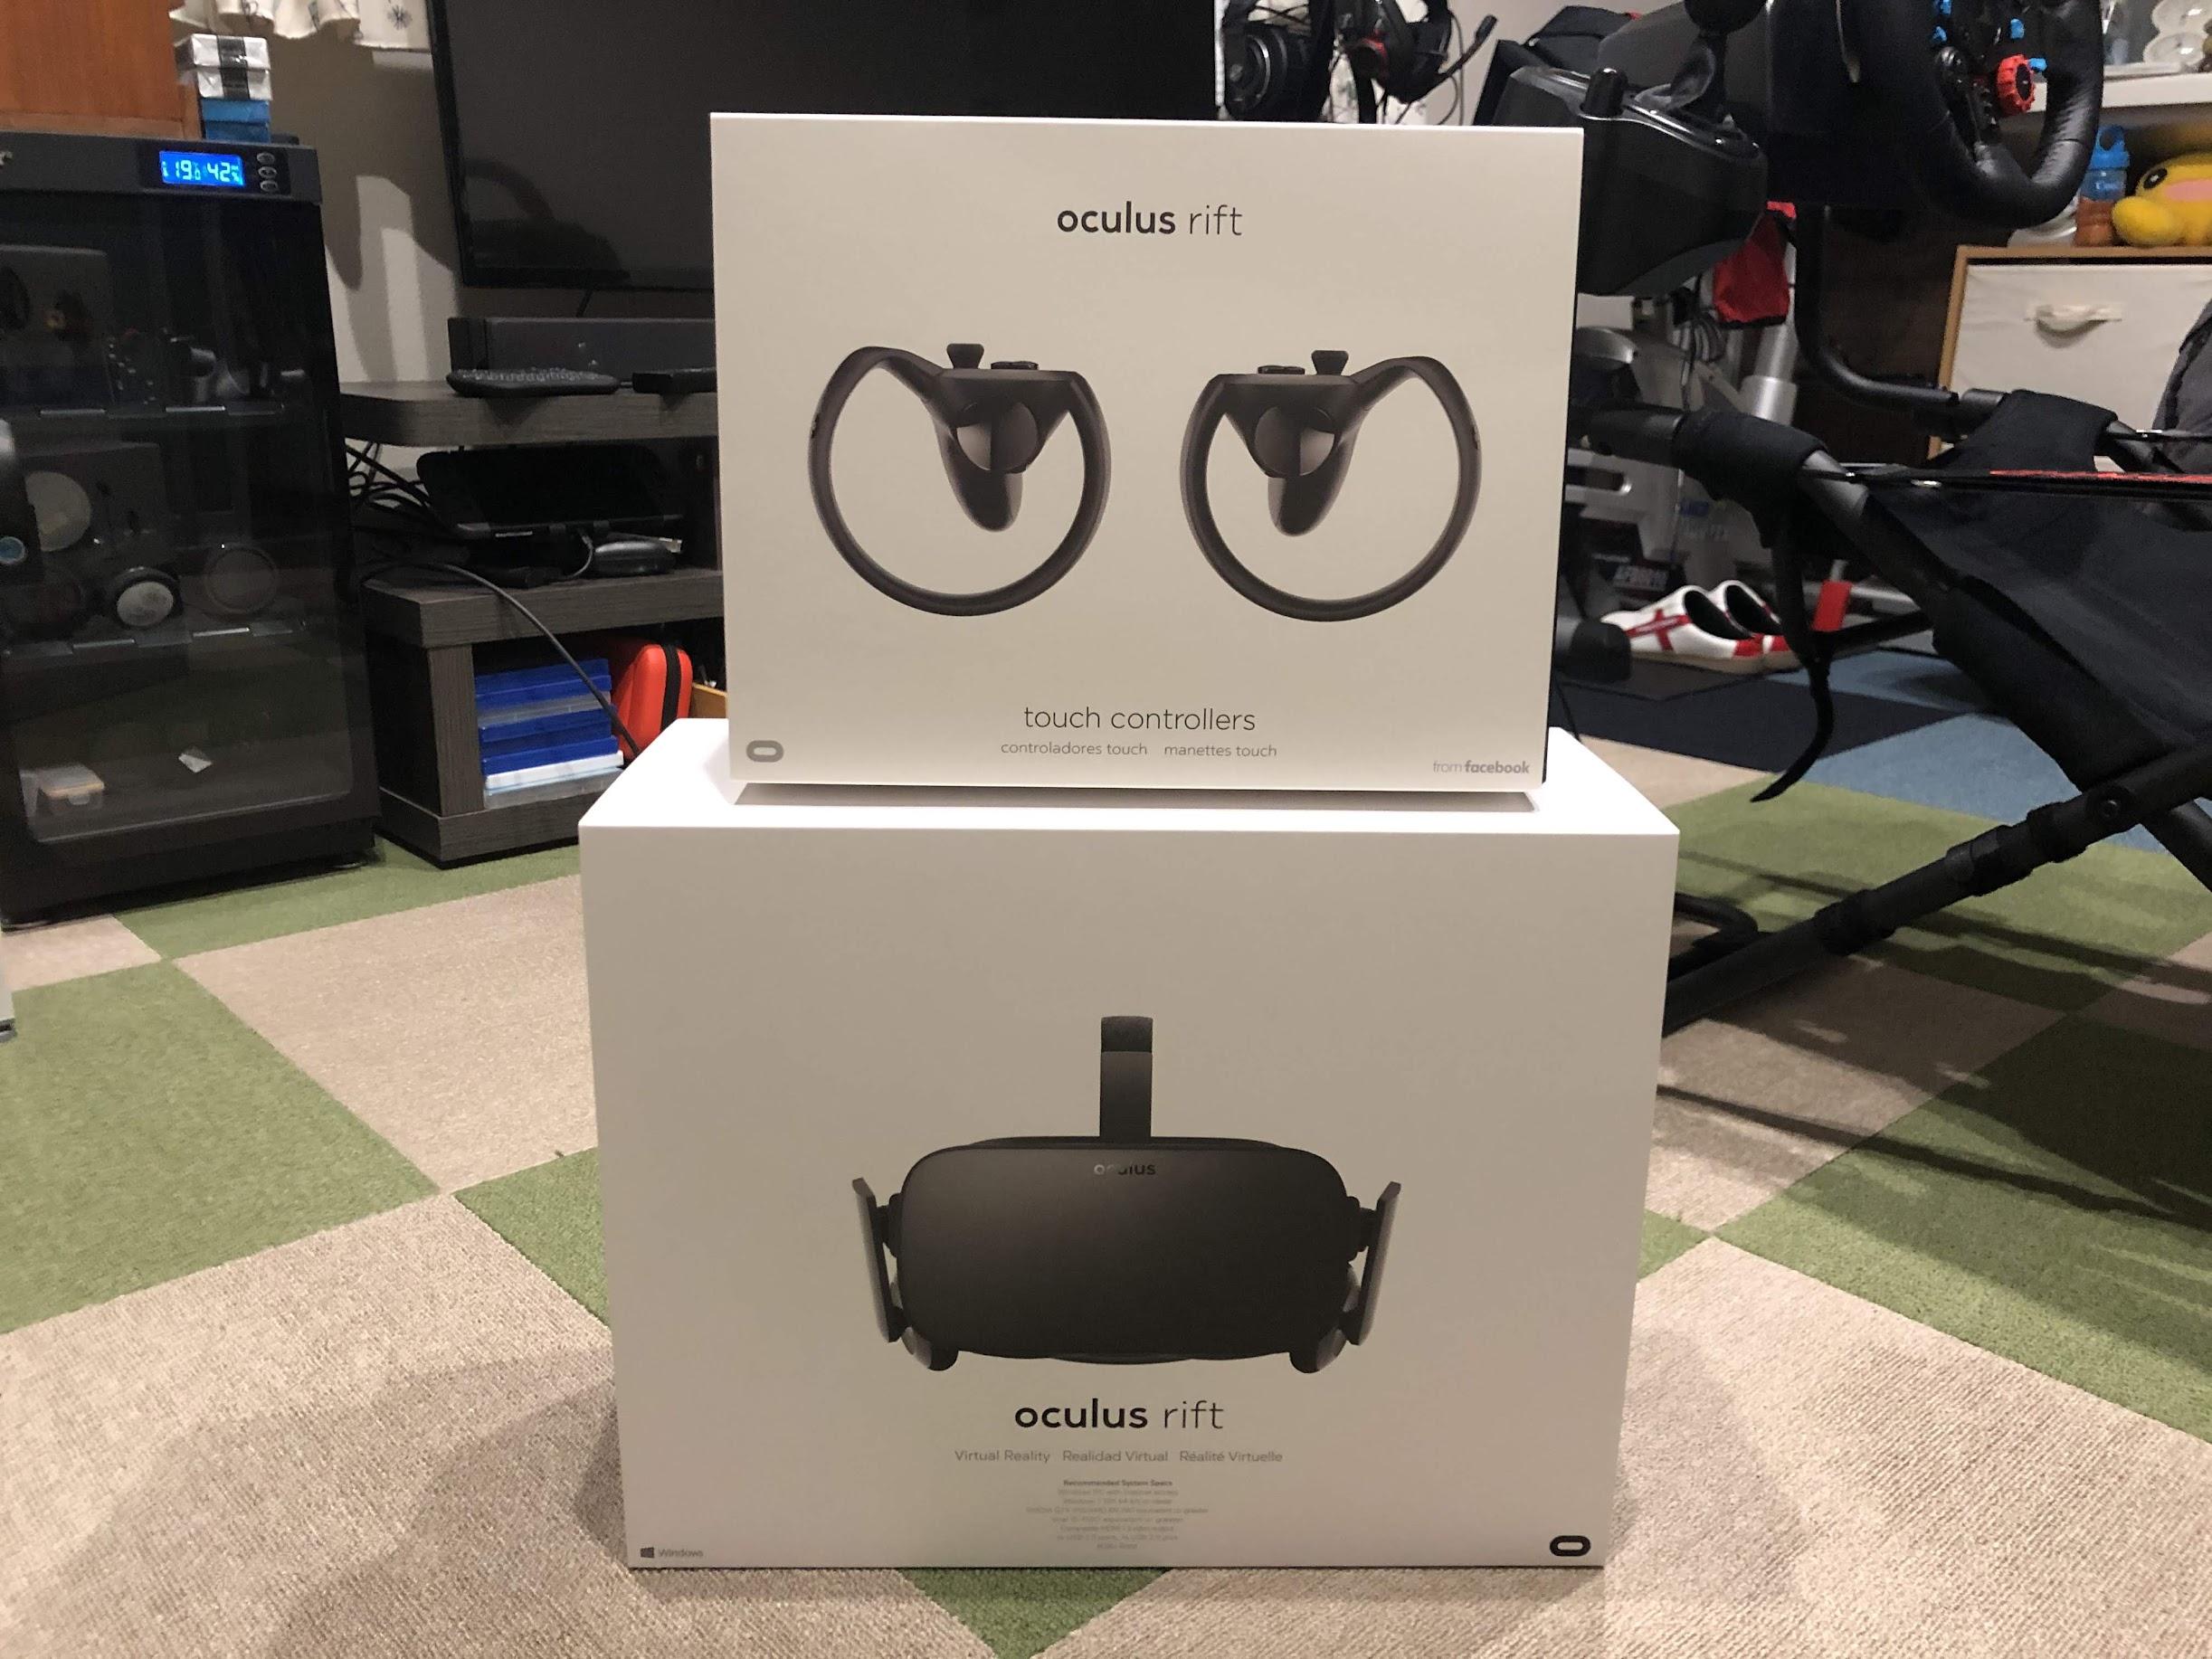 Oculus Riftがやってきた